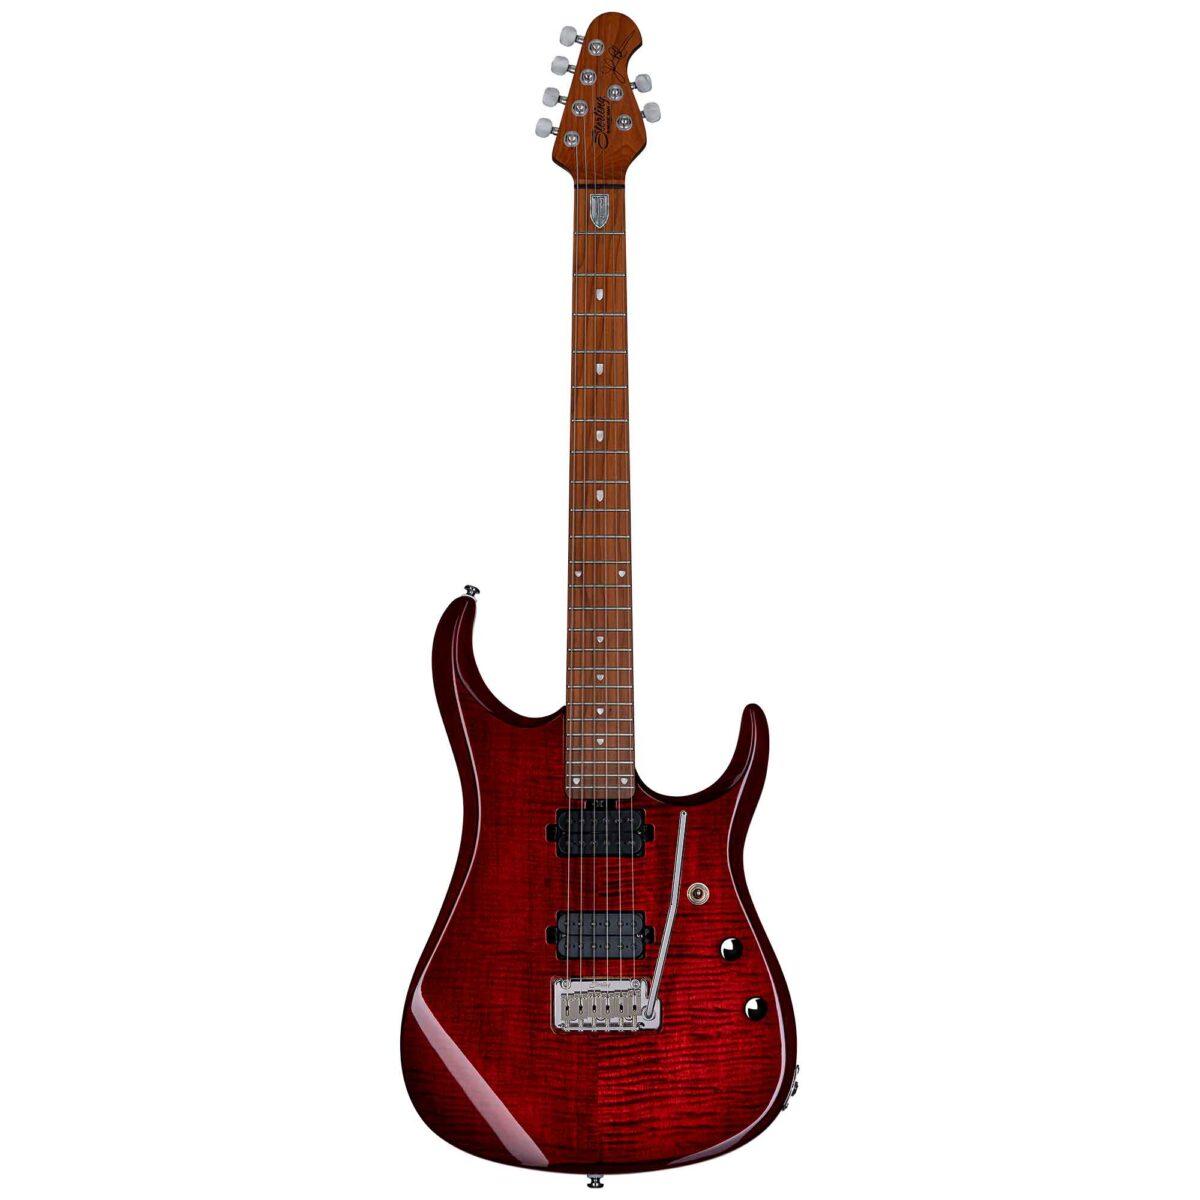 גיטרה חשמלית Sterling by Music Man JP150FM צבע Royal Red Flame